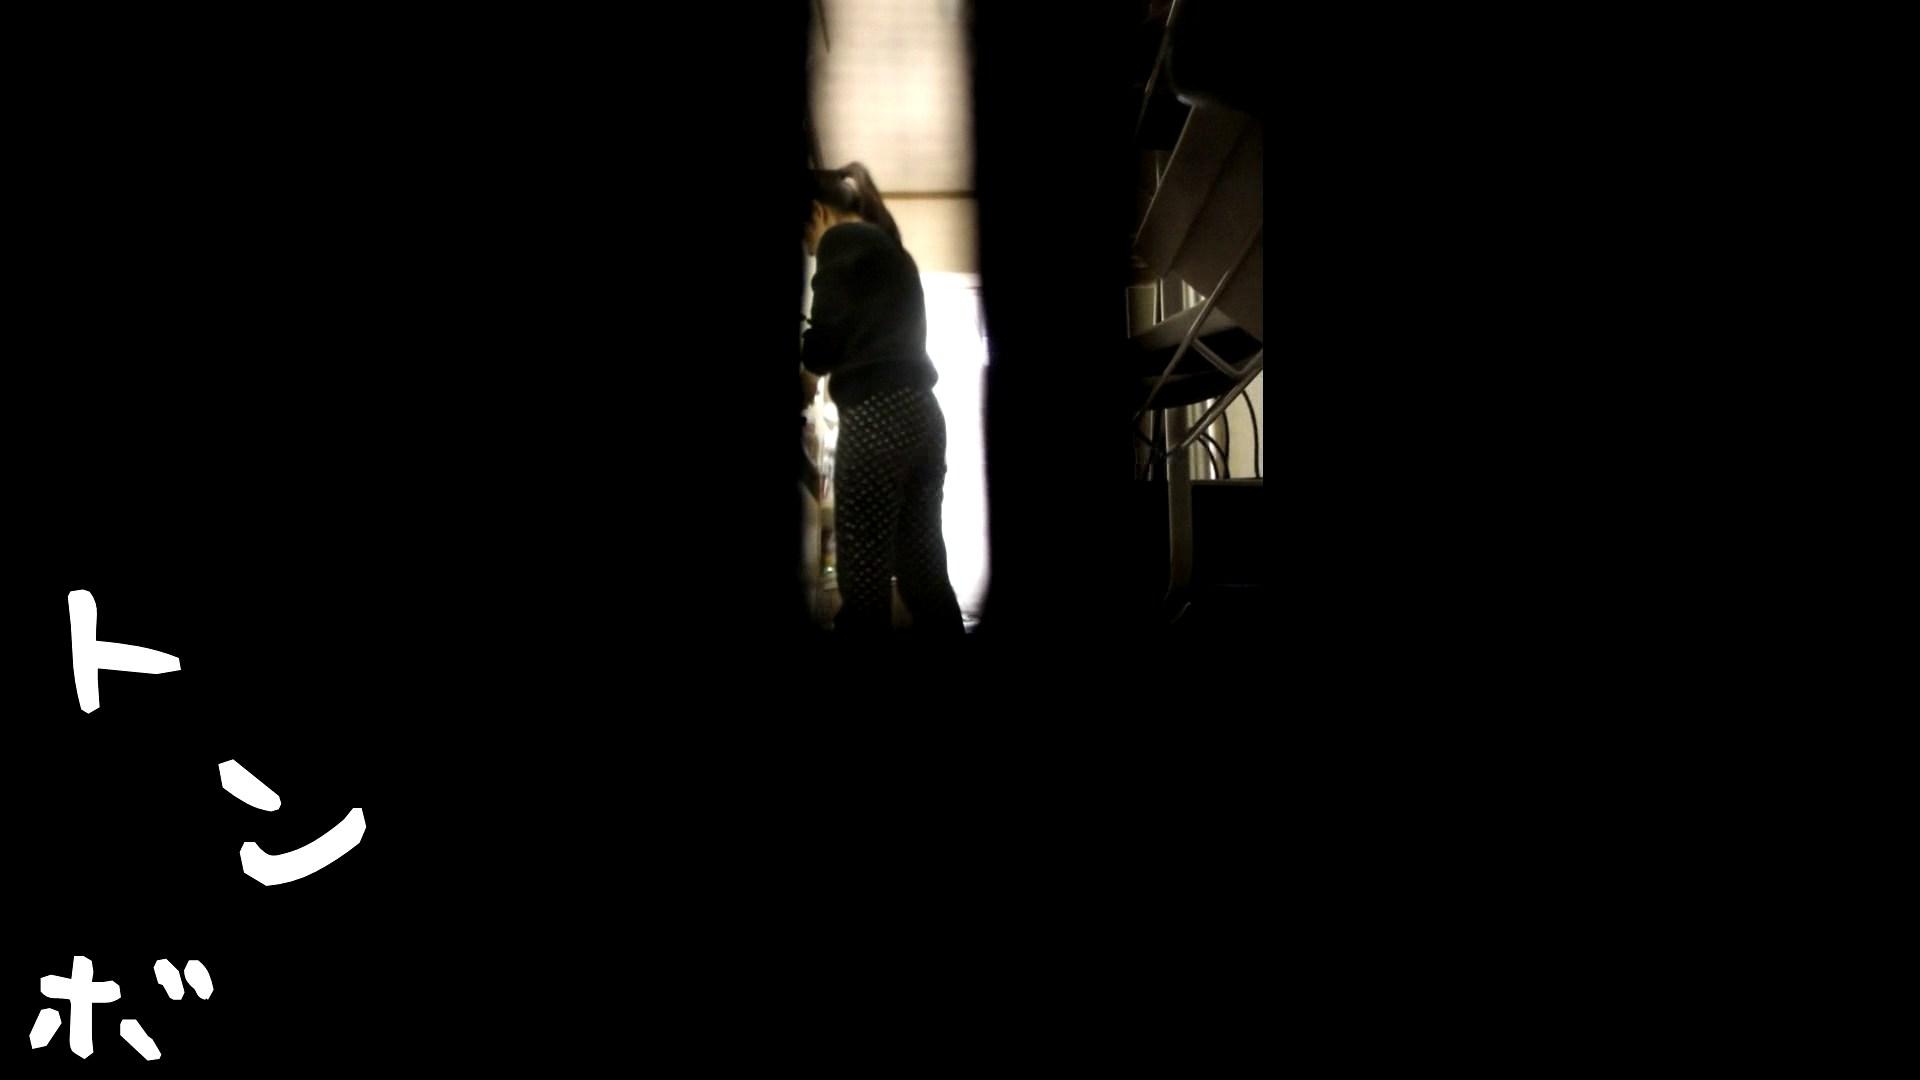 リアル盗撮 美人服飾専門学生の私生活 エロい美人 | ガールの盗撮  24枚